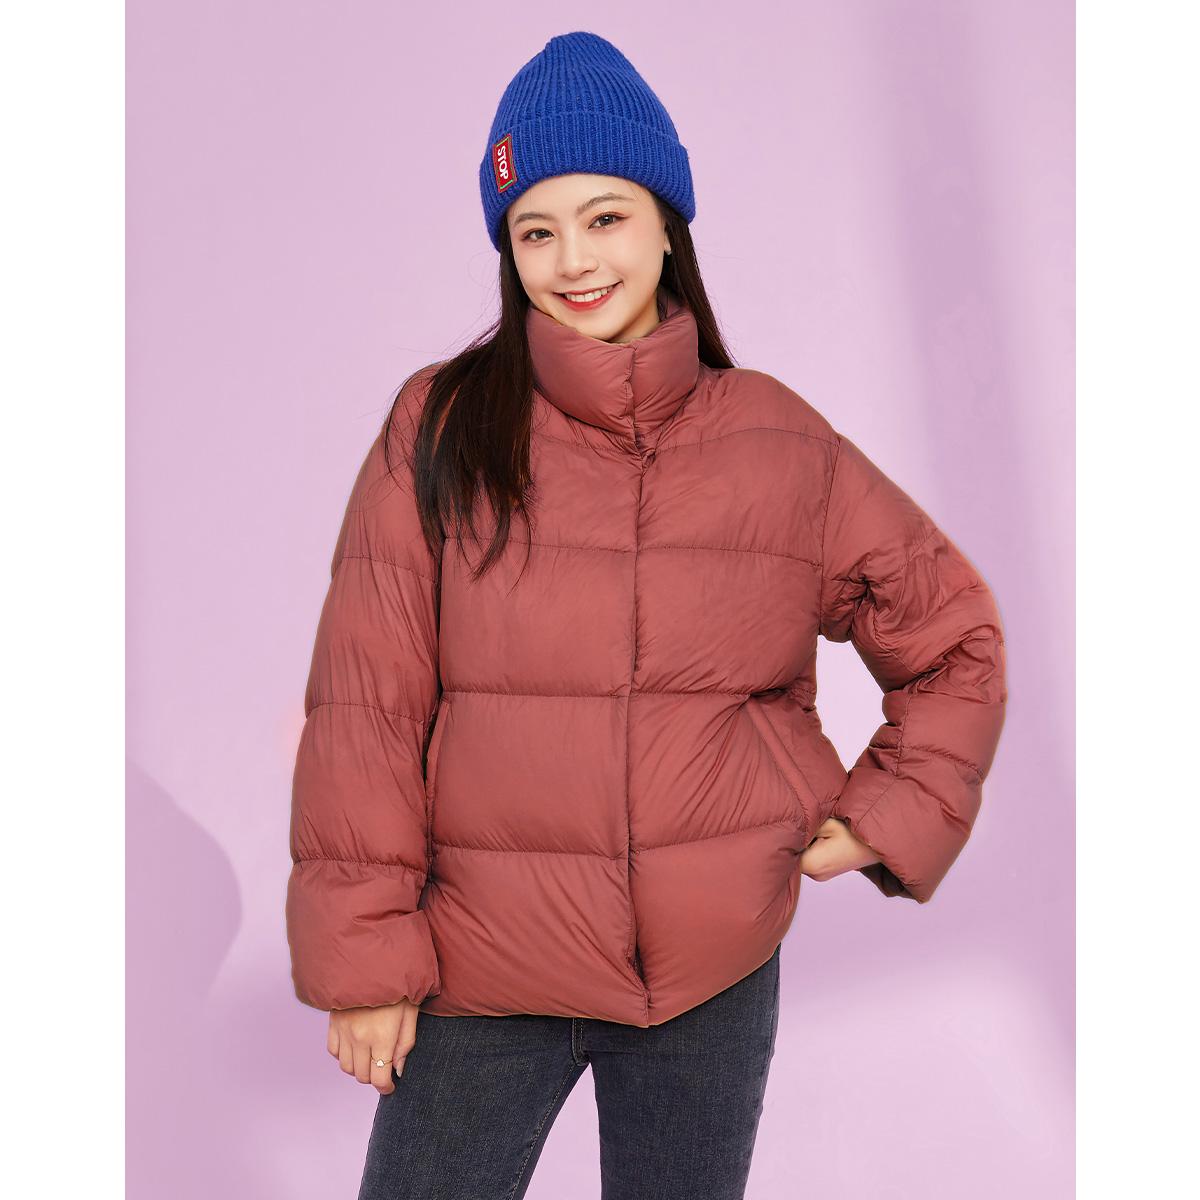 拉夏贝尔羽绒服 拉夏贝尔时尚气质短款羽绒服女2020年冬季新款小款立领面包服外套_推荐淘宝好看的女拉夏贝尔羽绒服